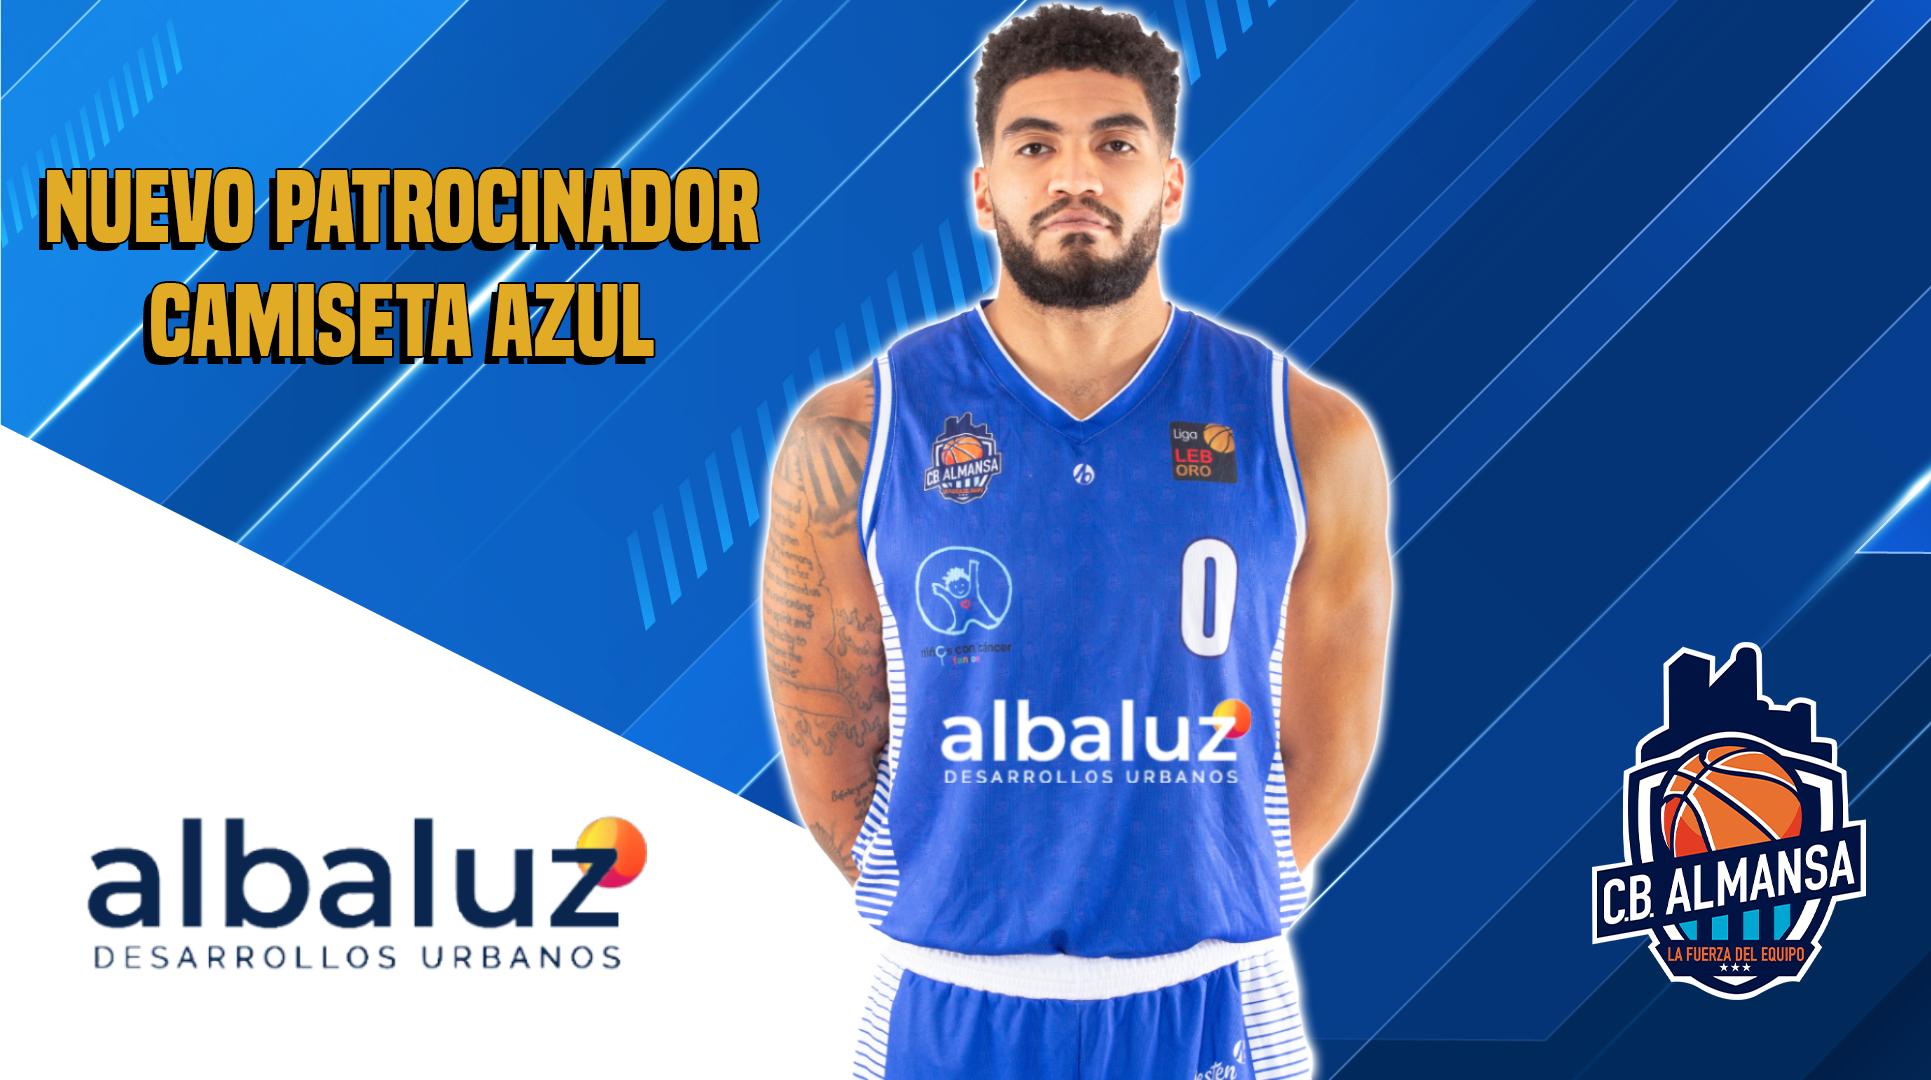 Albaluz, nuevo patrocinador del CB Almansa